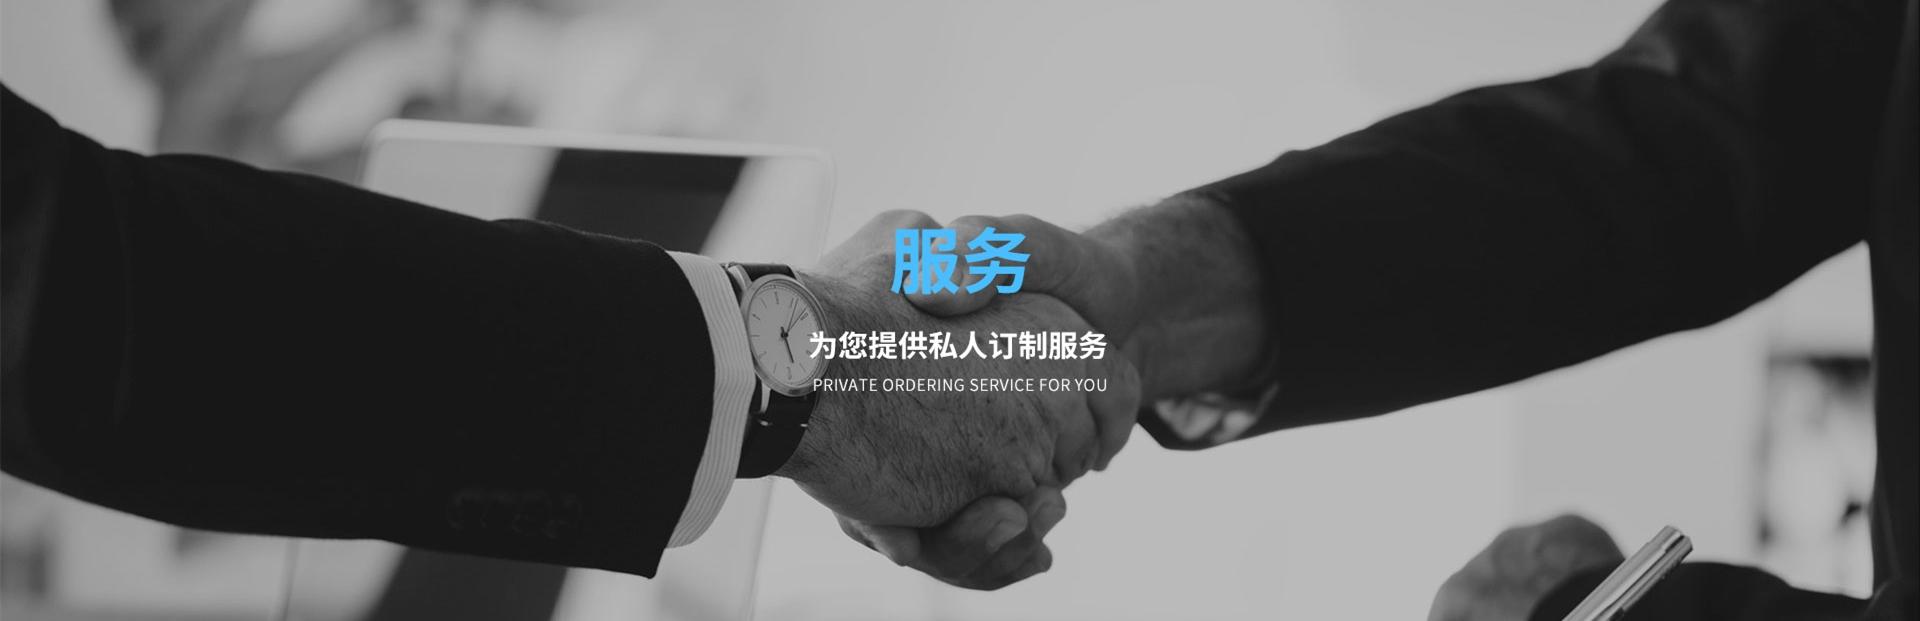 上海闪灵官方旗舰店